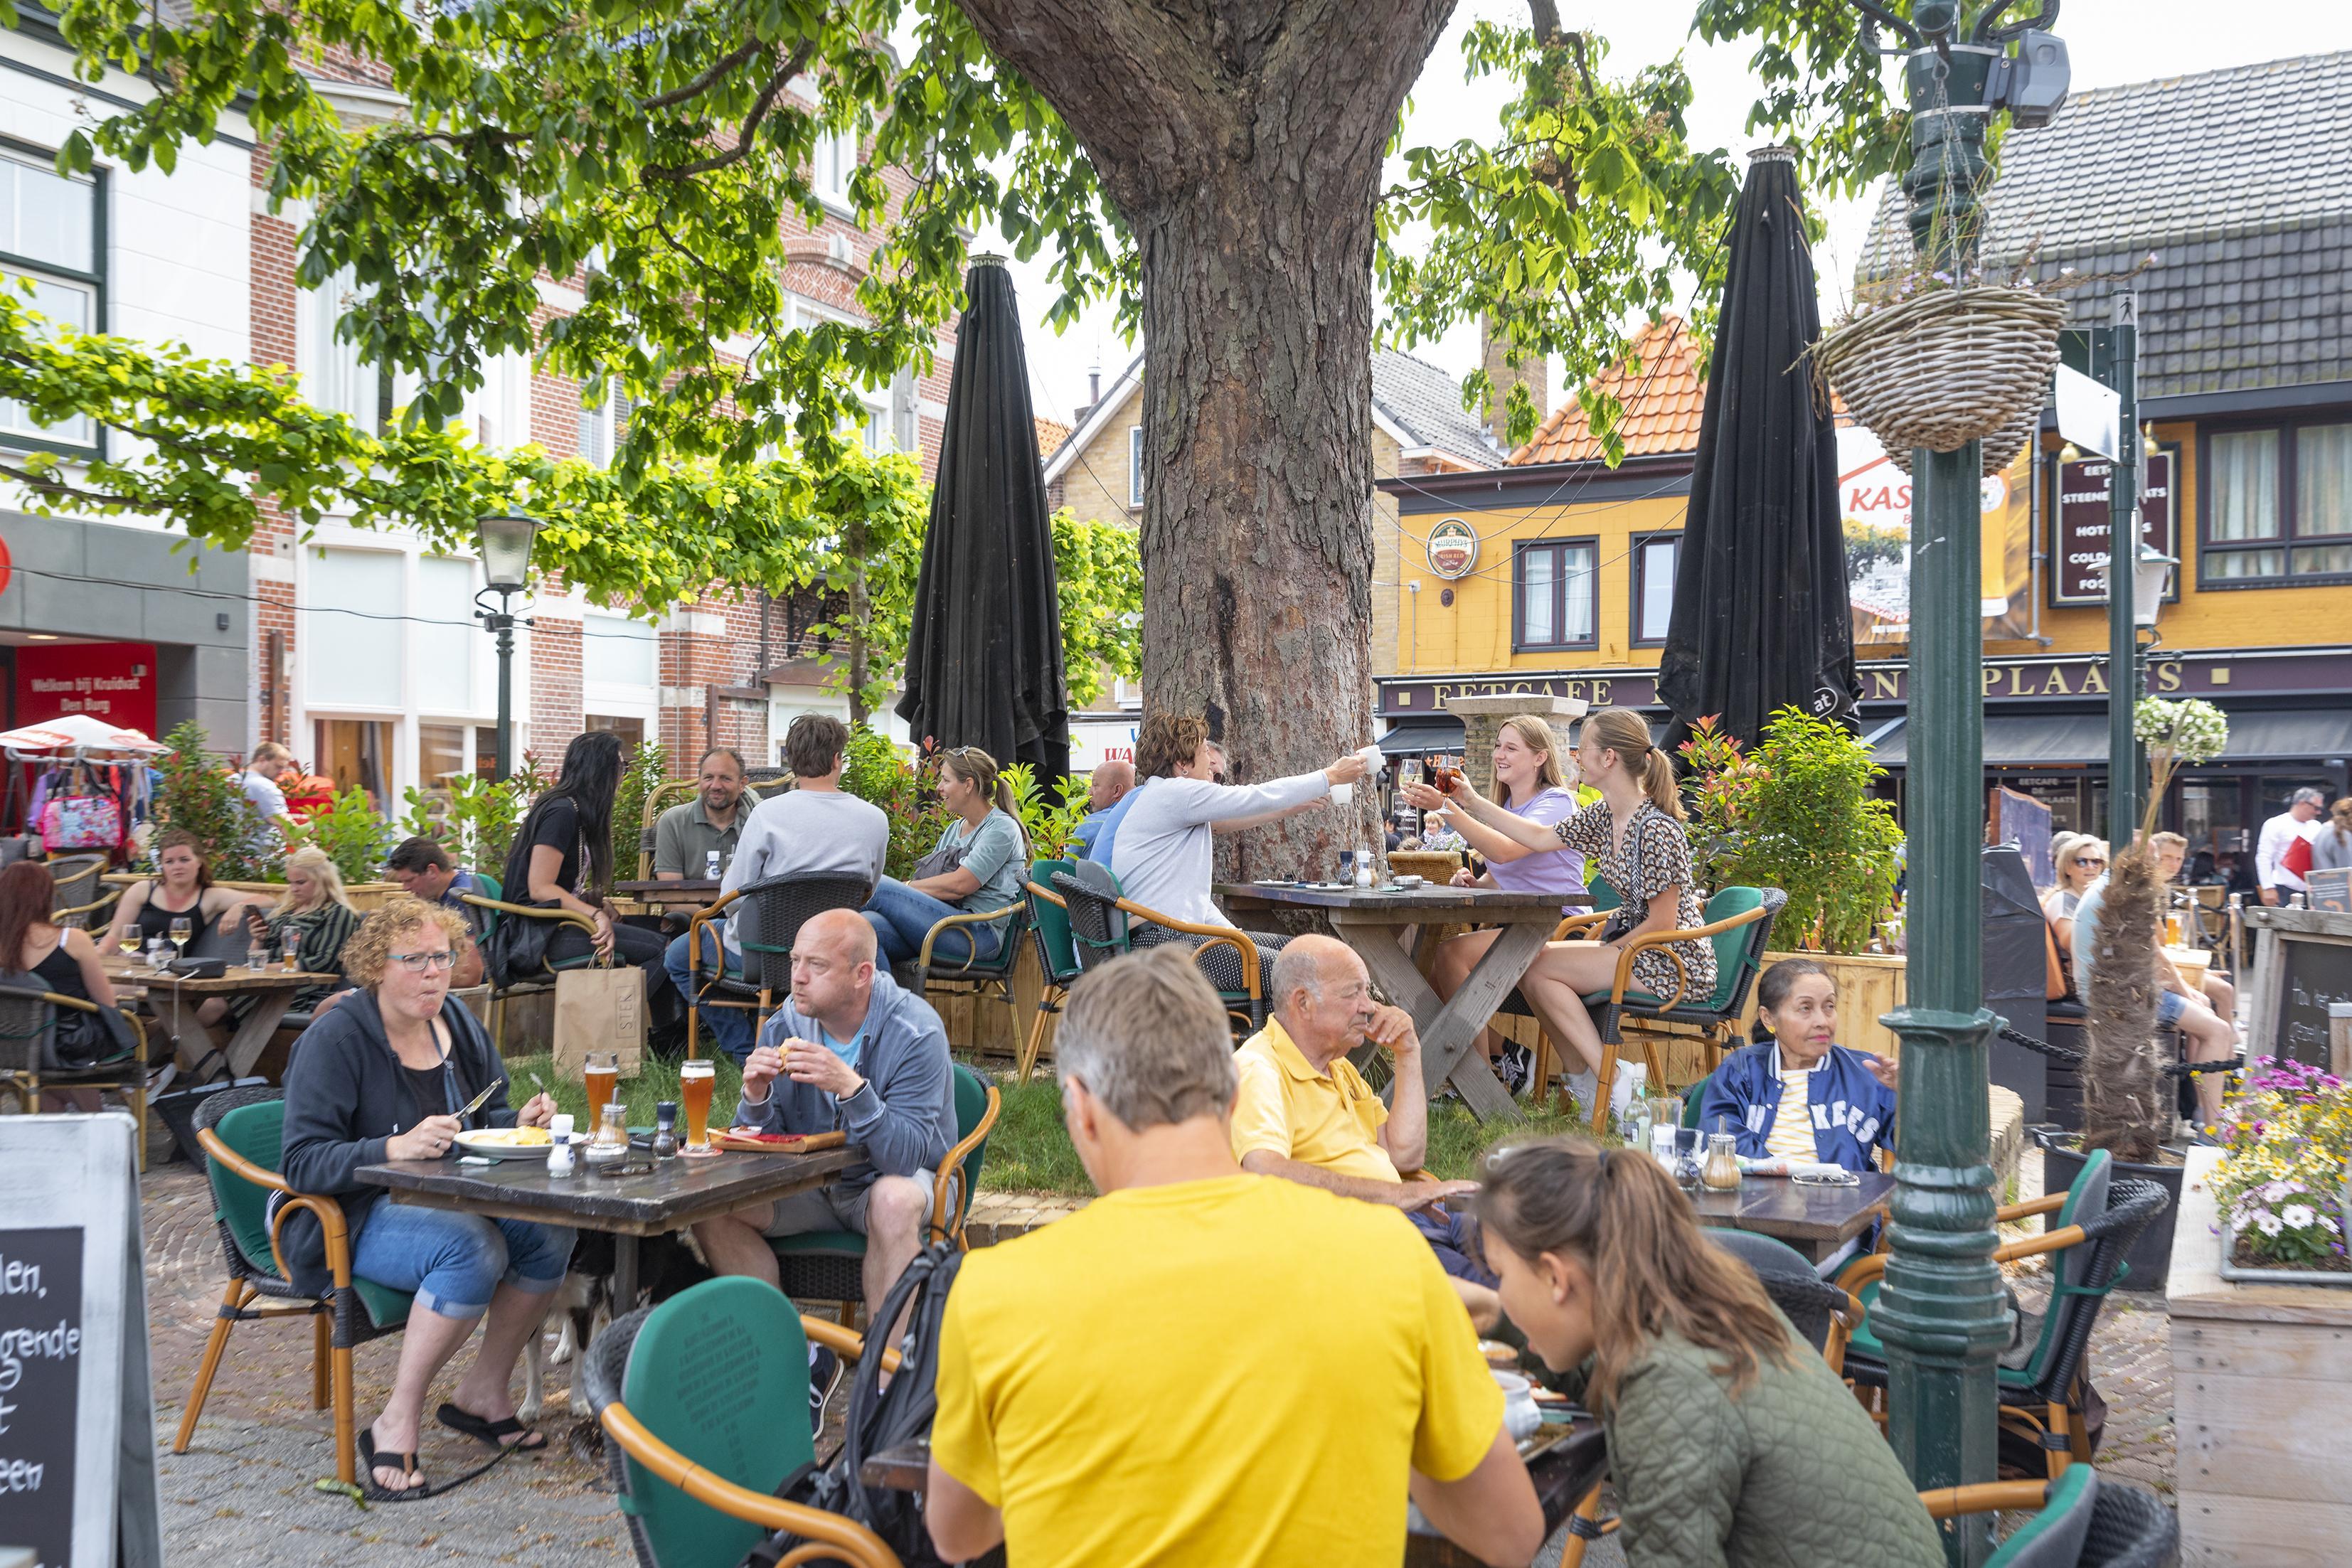 Vriendengroep zit in De Koog verdeeld over drie tafeltjes. 'Die afstand voelt vreemd'